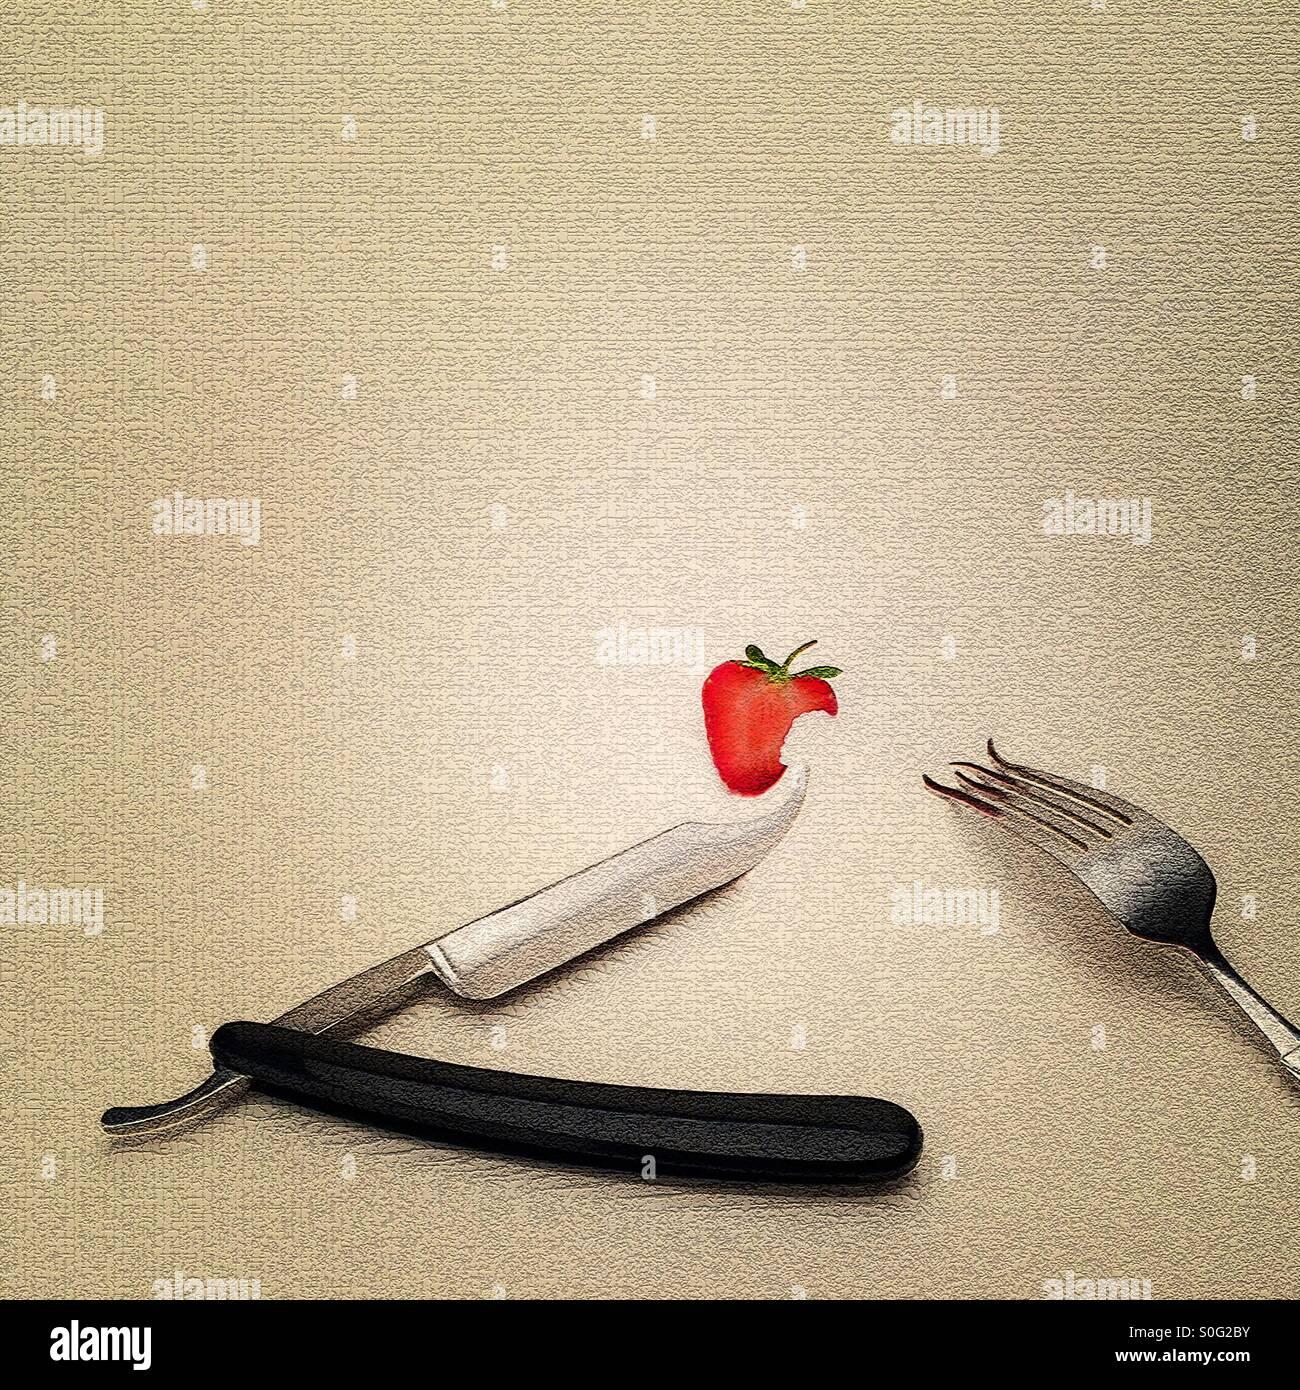 Tagliare la gola taglierino forcella e fragola ( manipolato digitalmente immagine ) strano e surreale posto per Immagini Stock